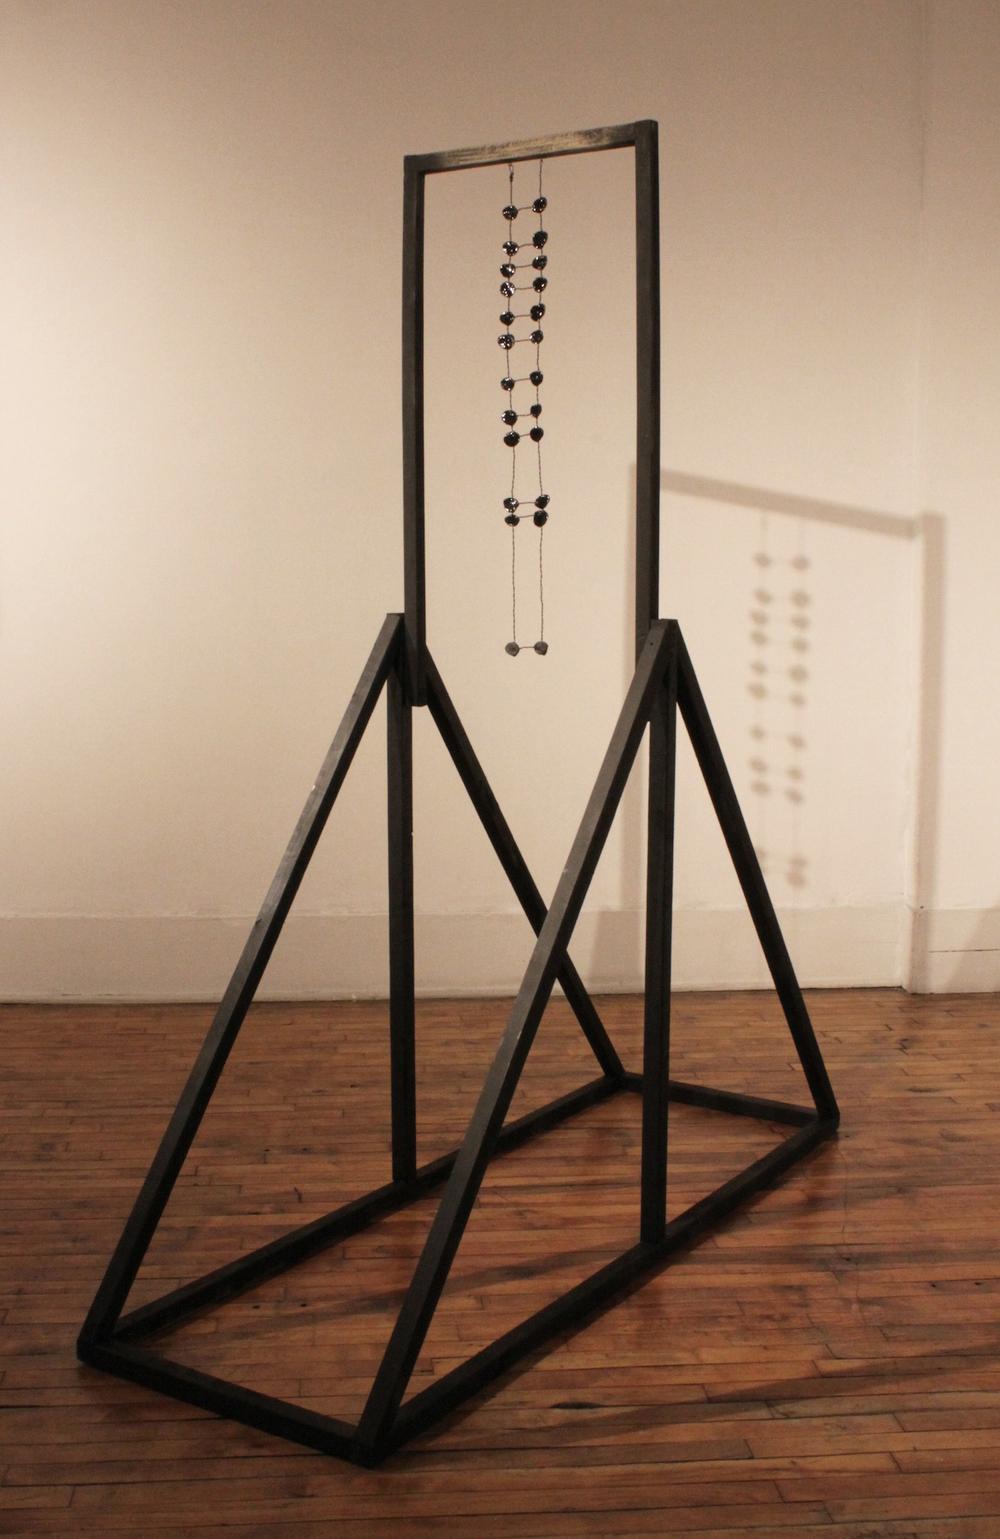 """Soo Shin\ Eye Swing\ wood, primer, resin, wire\ h96"""" w24"""" d96""""\ 2014"""